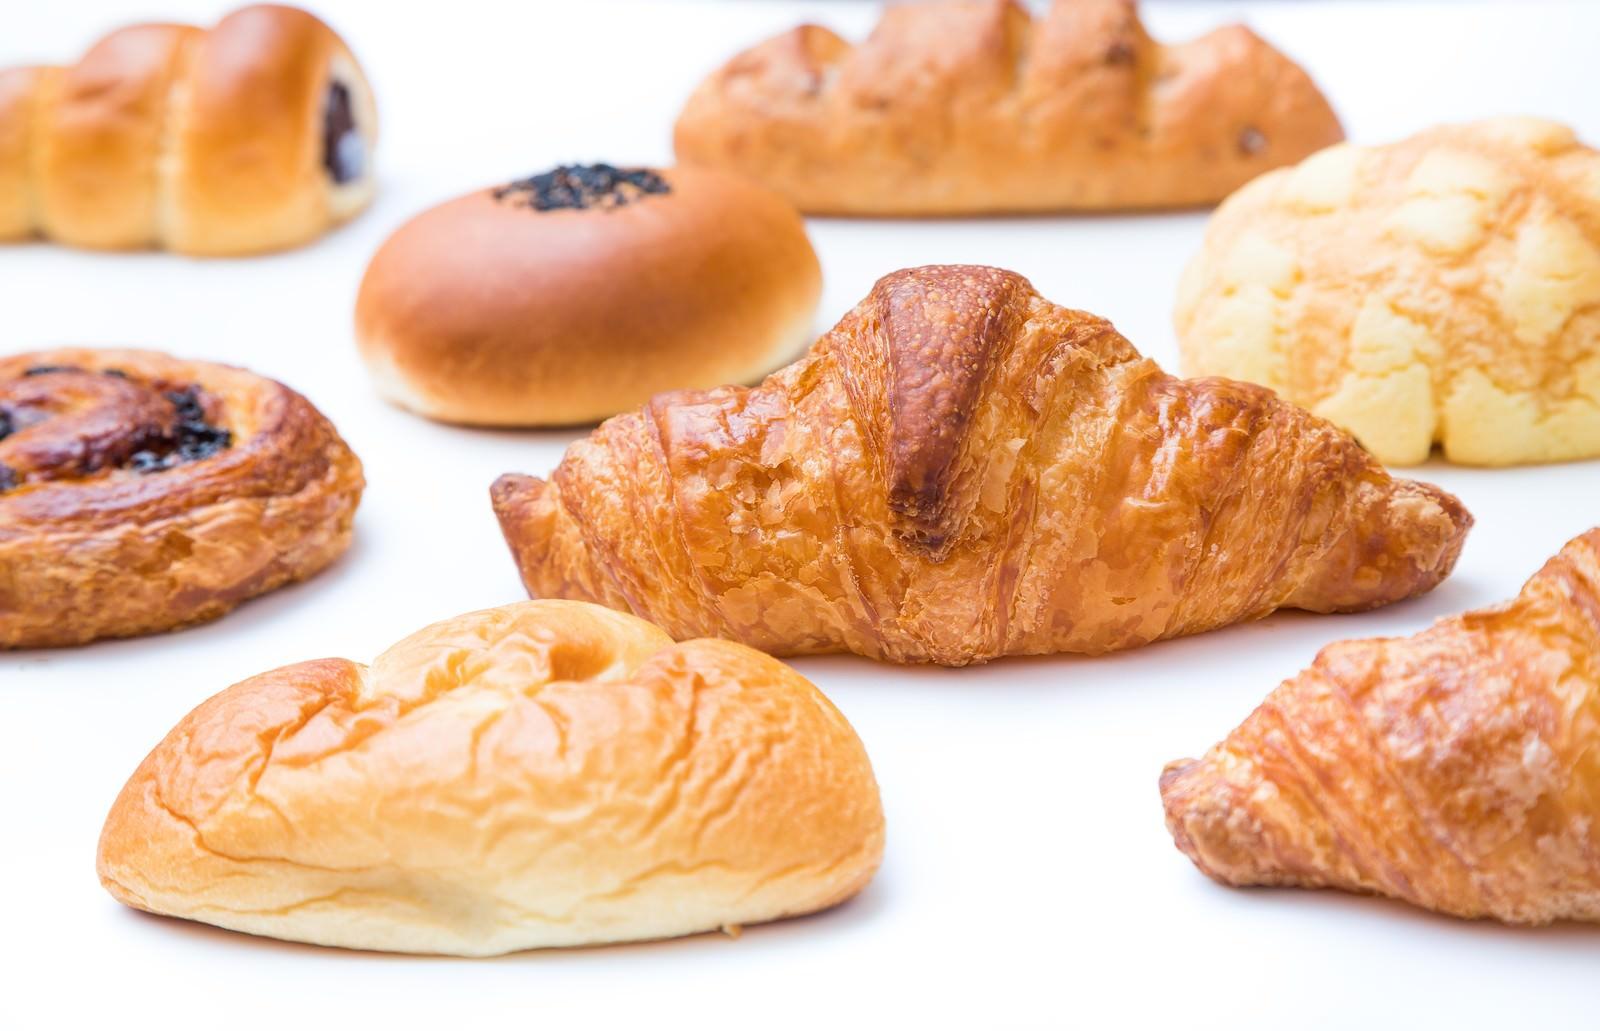 「菓子パン祭り菓子パン祭り」のフリー写真素材を拡大